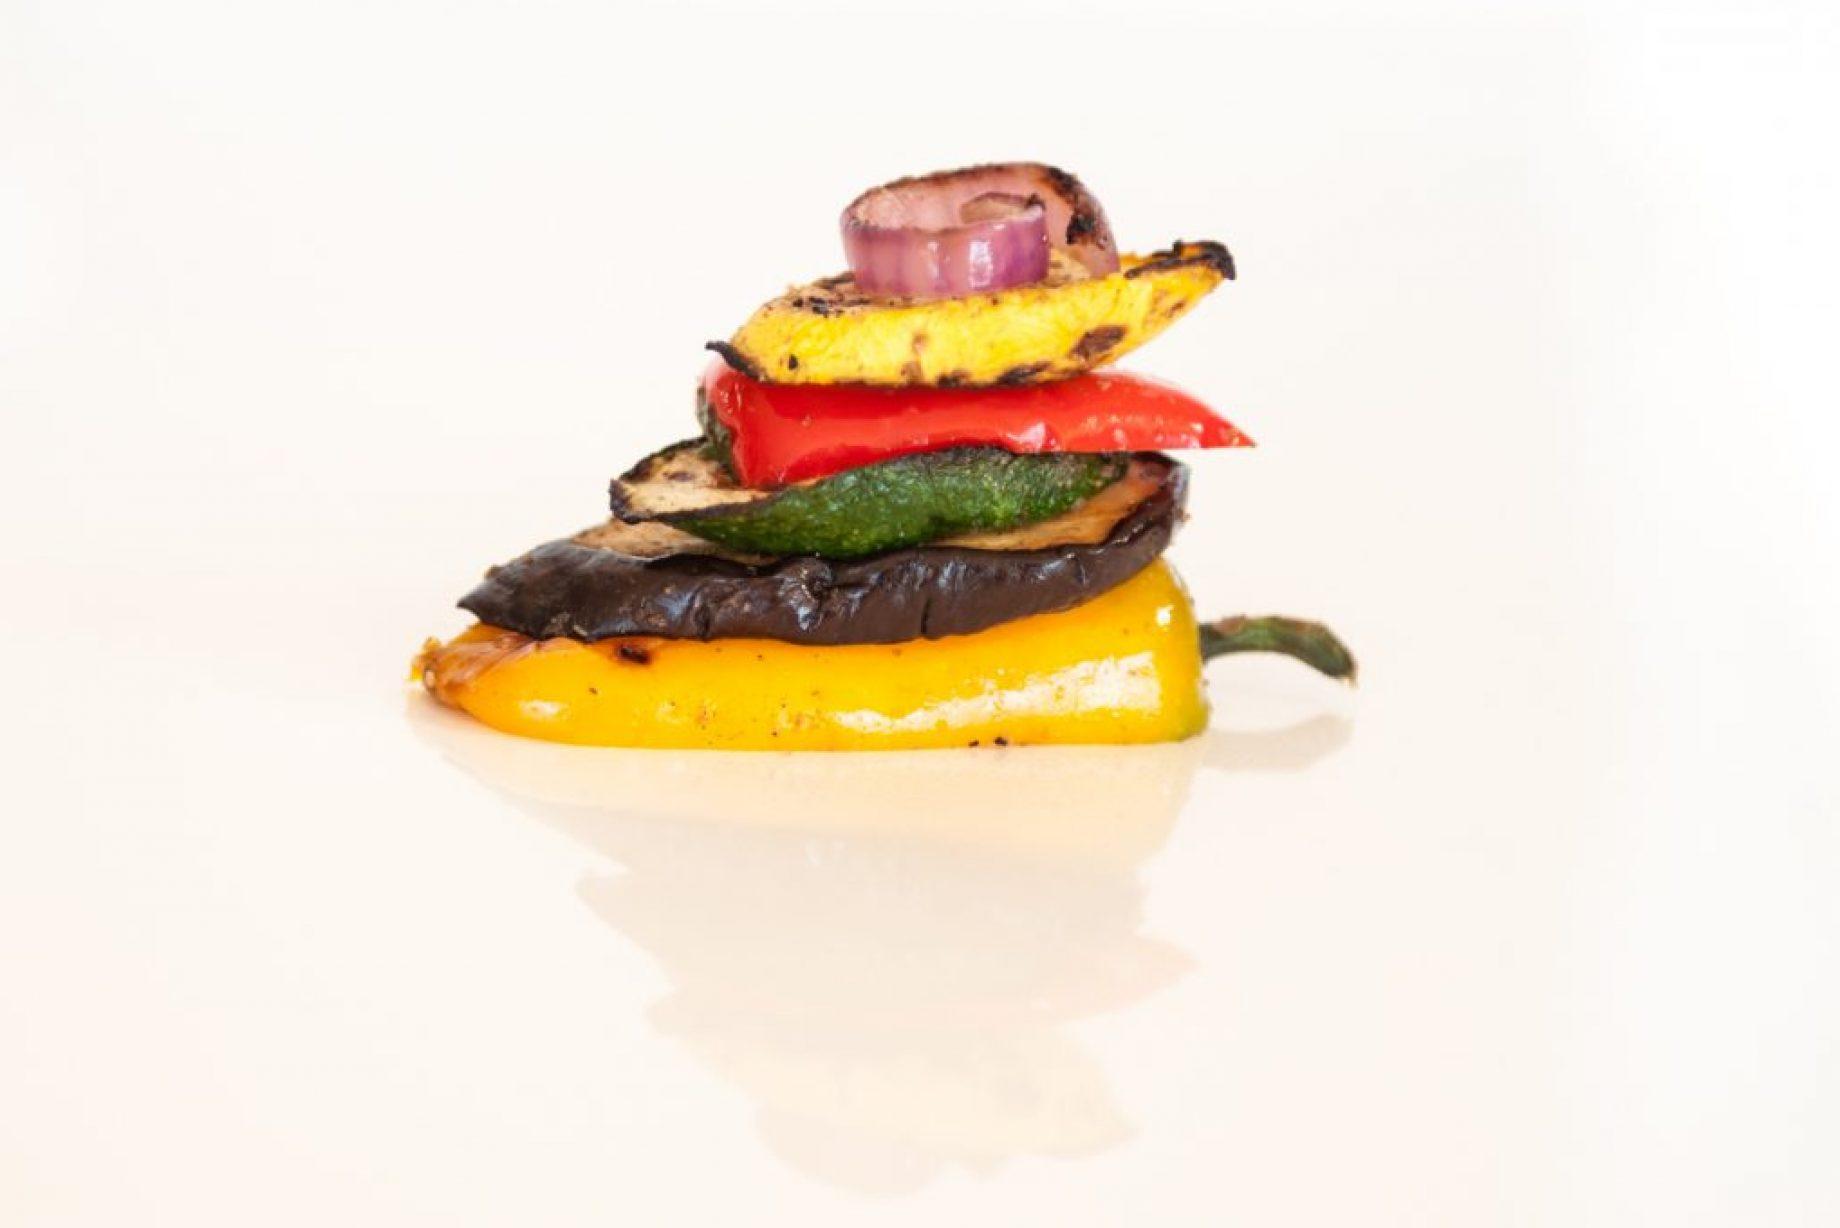 Food-69